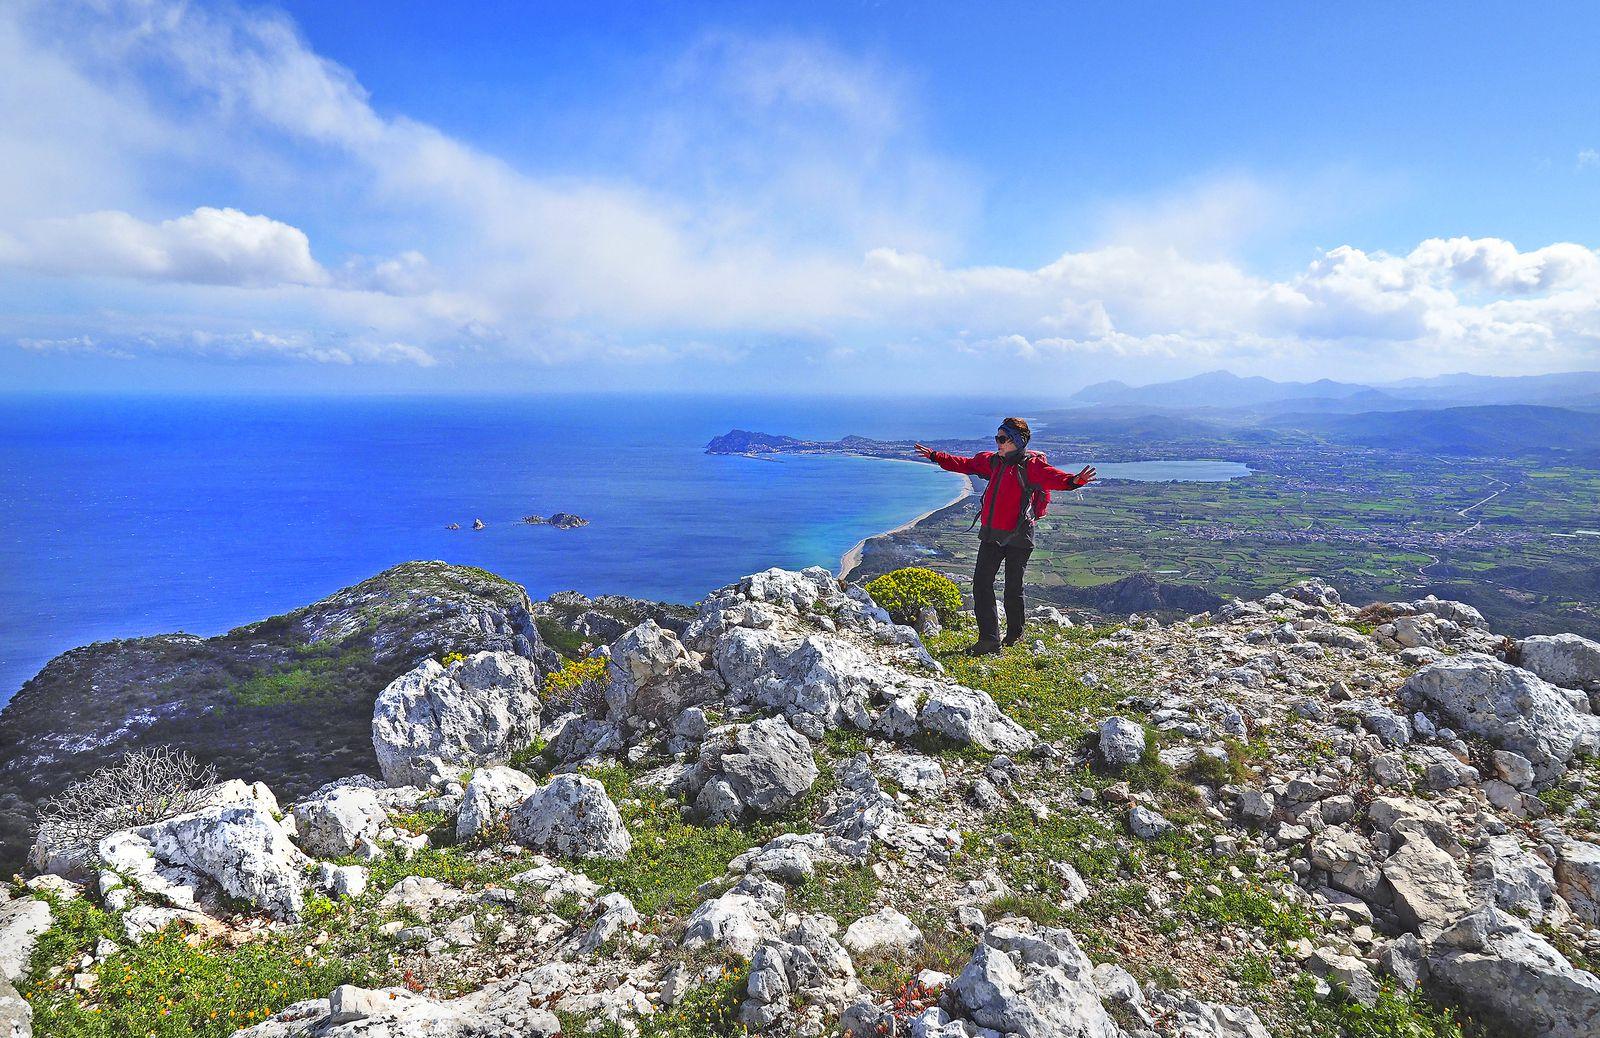 Au sud des Supramonte, le petit sommet du Scoine permet de dominer les villages côtiers de Santa-Maria Navarrese, Tortoli et Arbatax. Ce jour-là, il était difficile de lutter contre le vent marin...